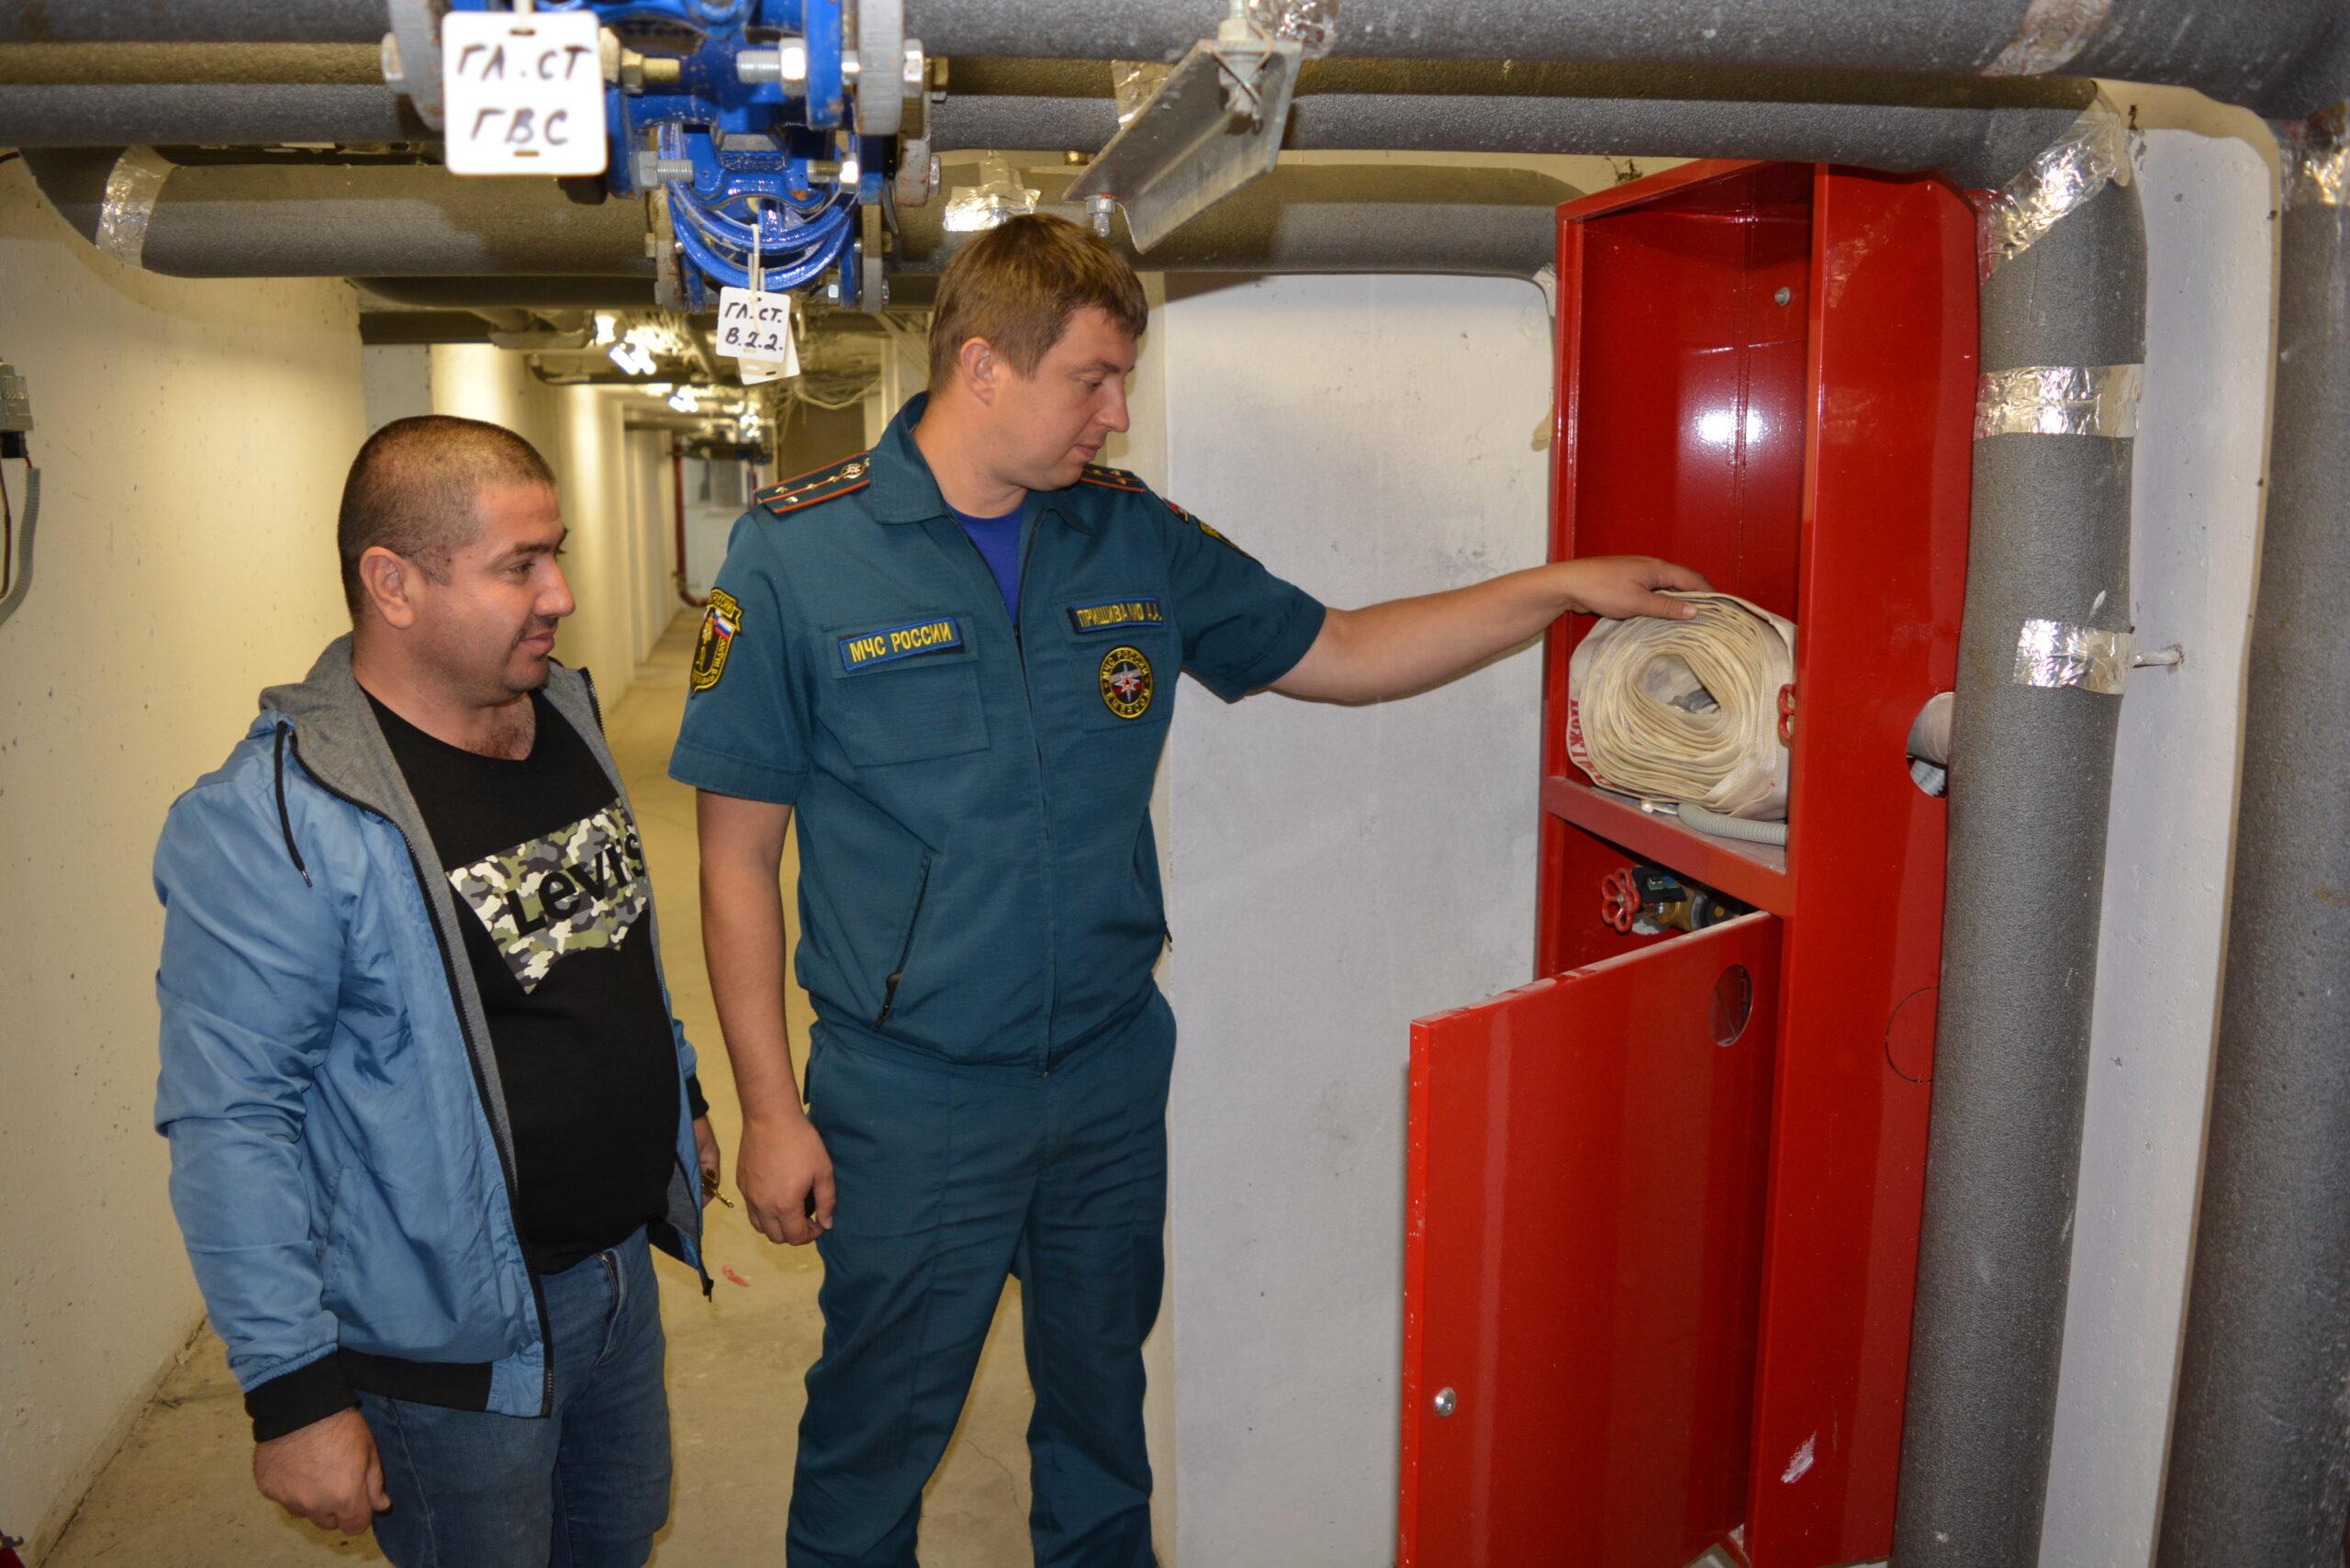 Инспекторы МЧС будут проверять работоспособность пожарного водопровода, надлежащую комплектацию пожарных шкафов и кранов. Итоги проверок отражаются в актах.